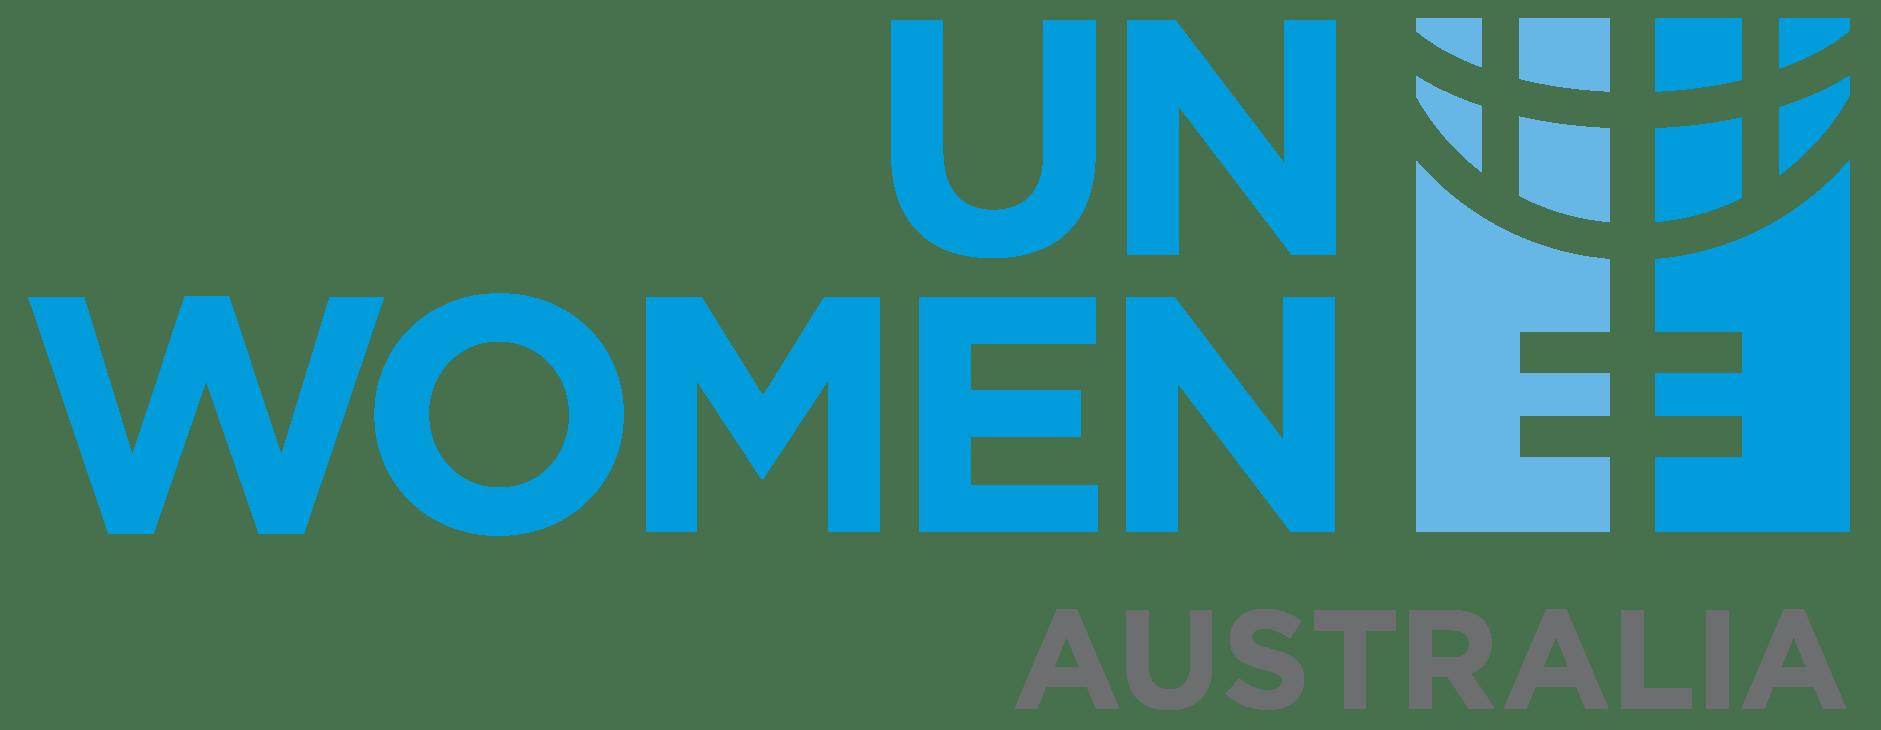 UN Women Australia